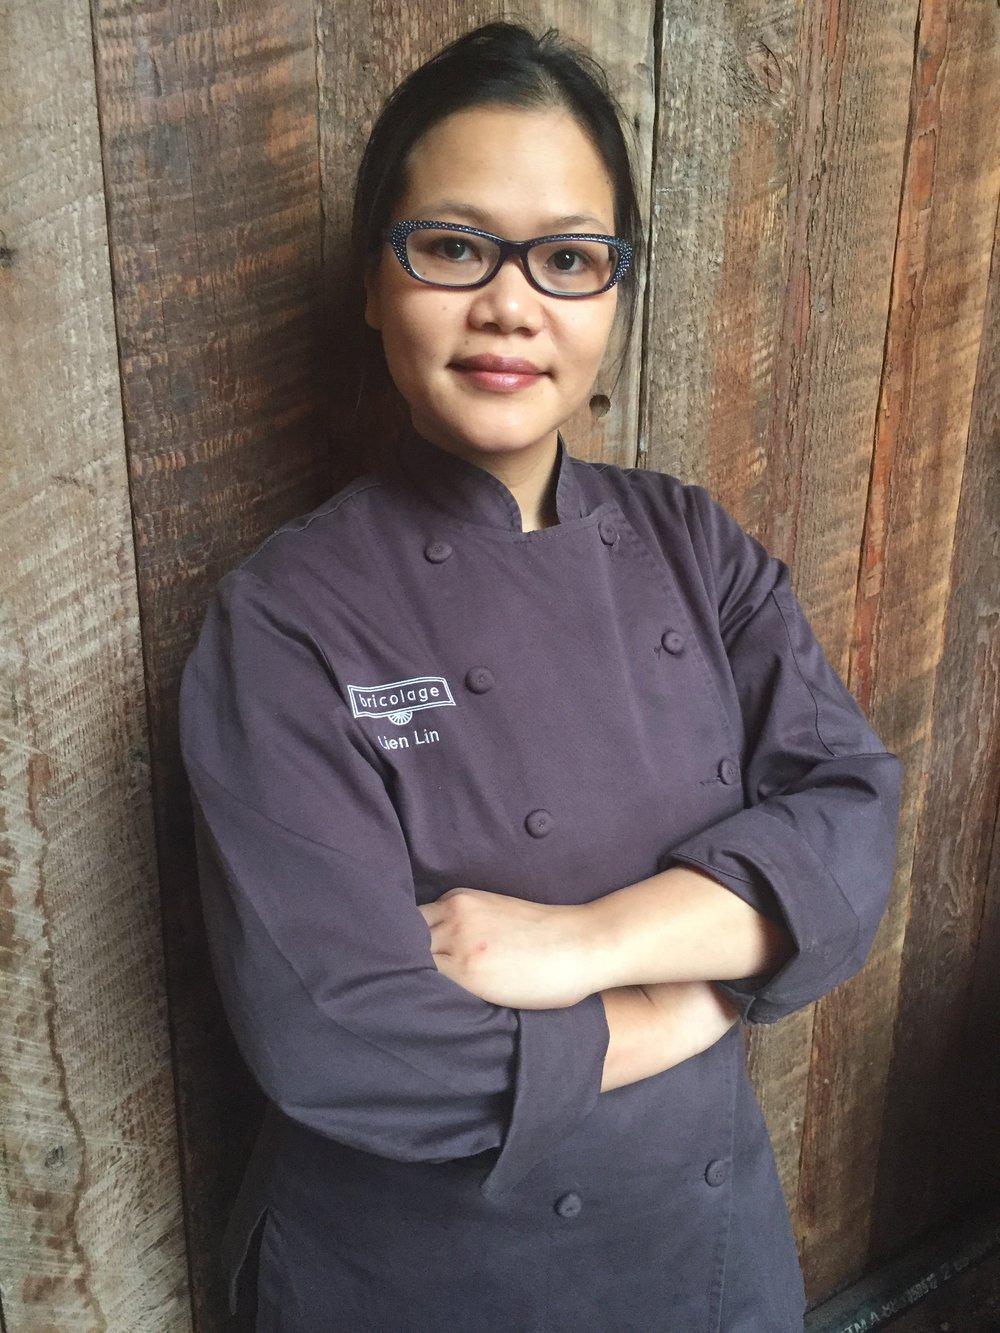 Chef Lien Lin